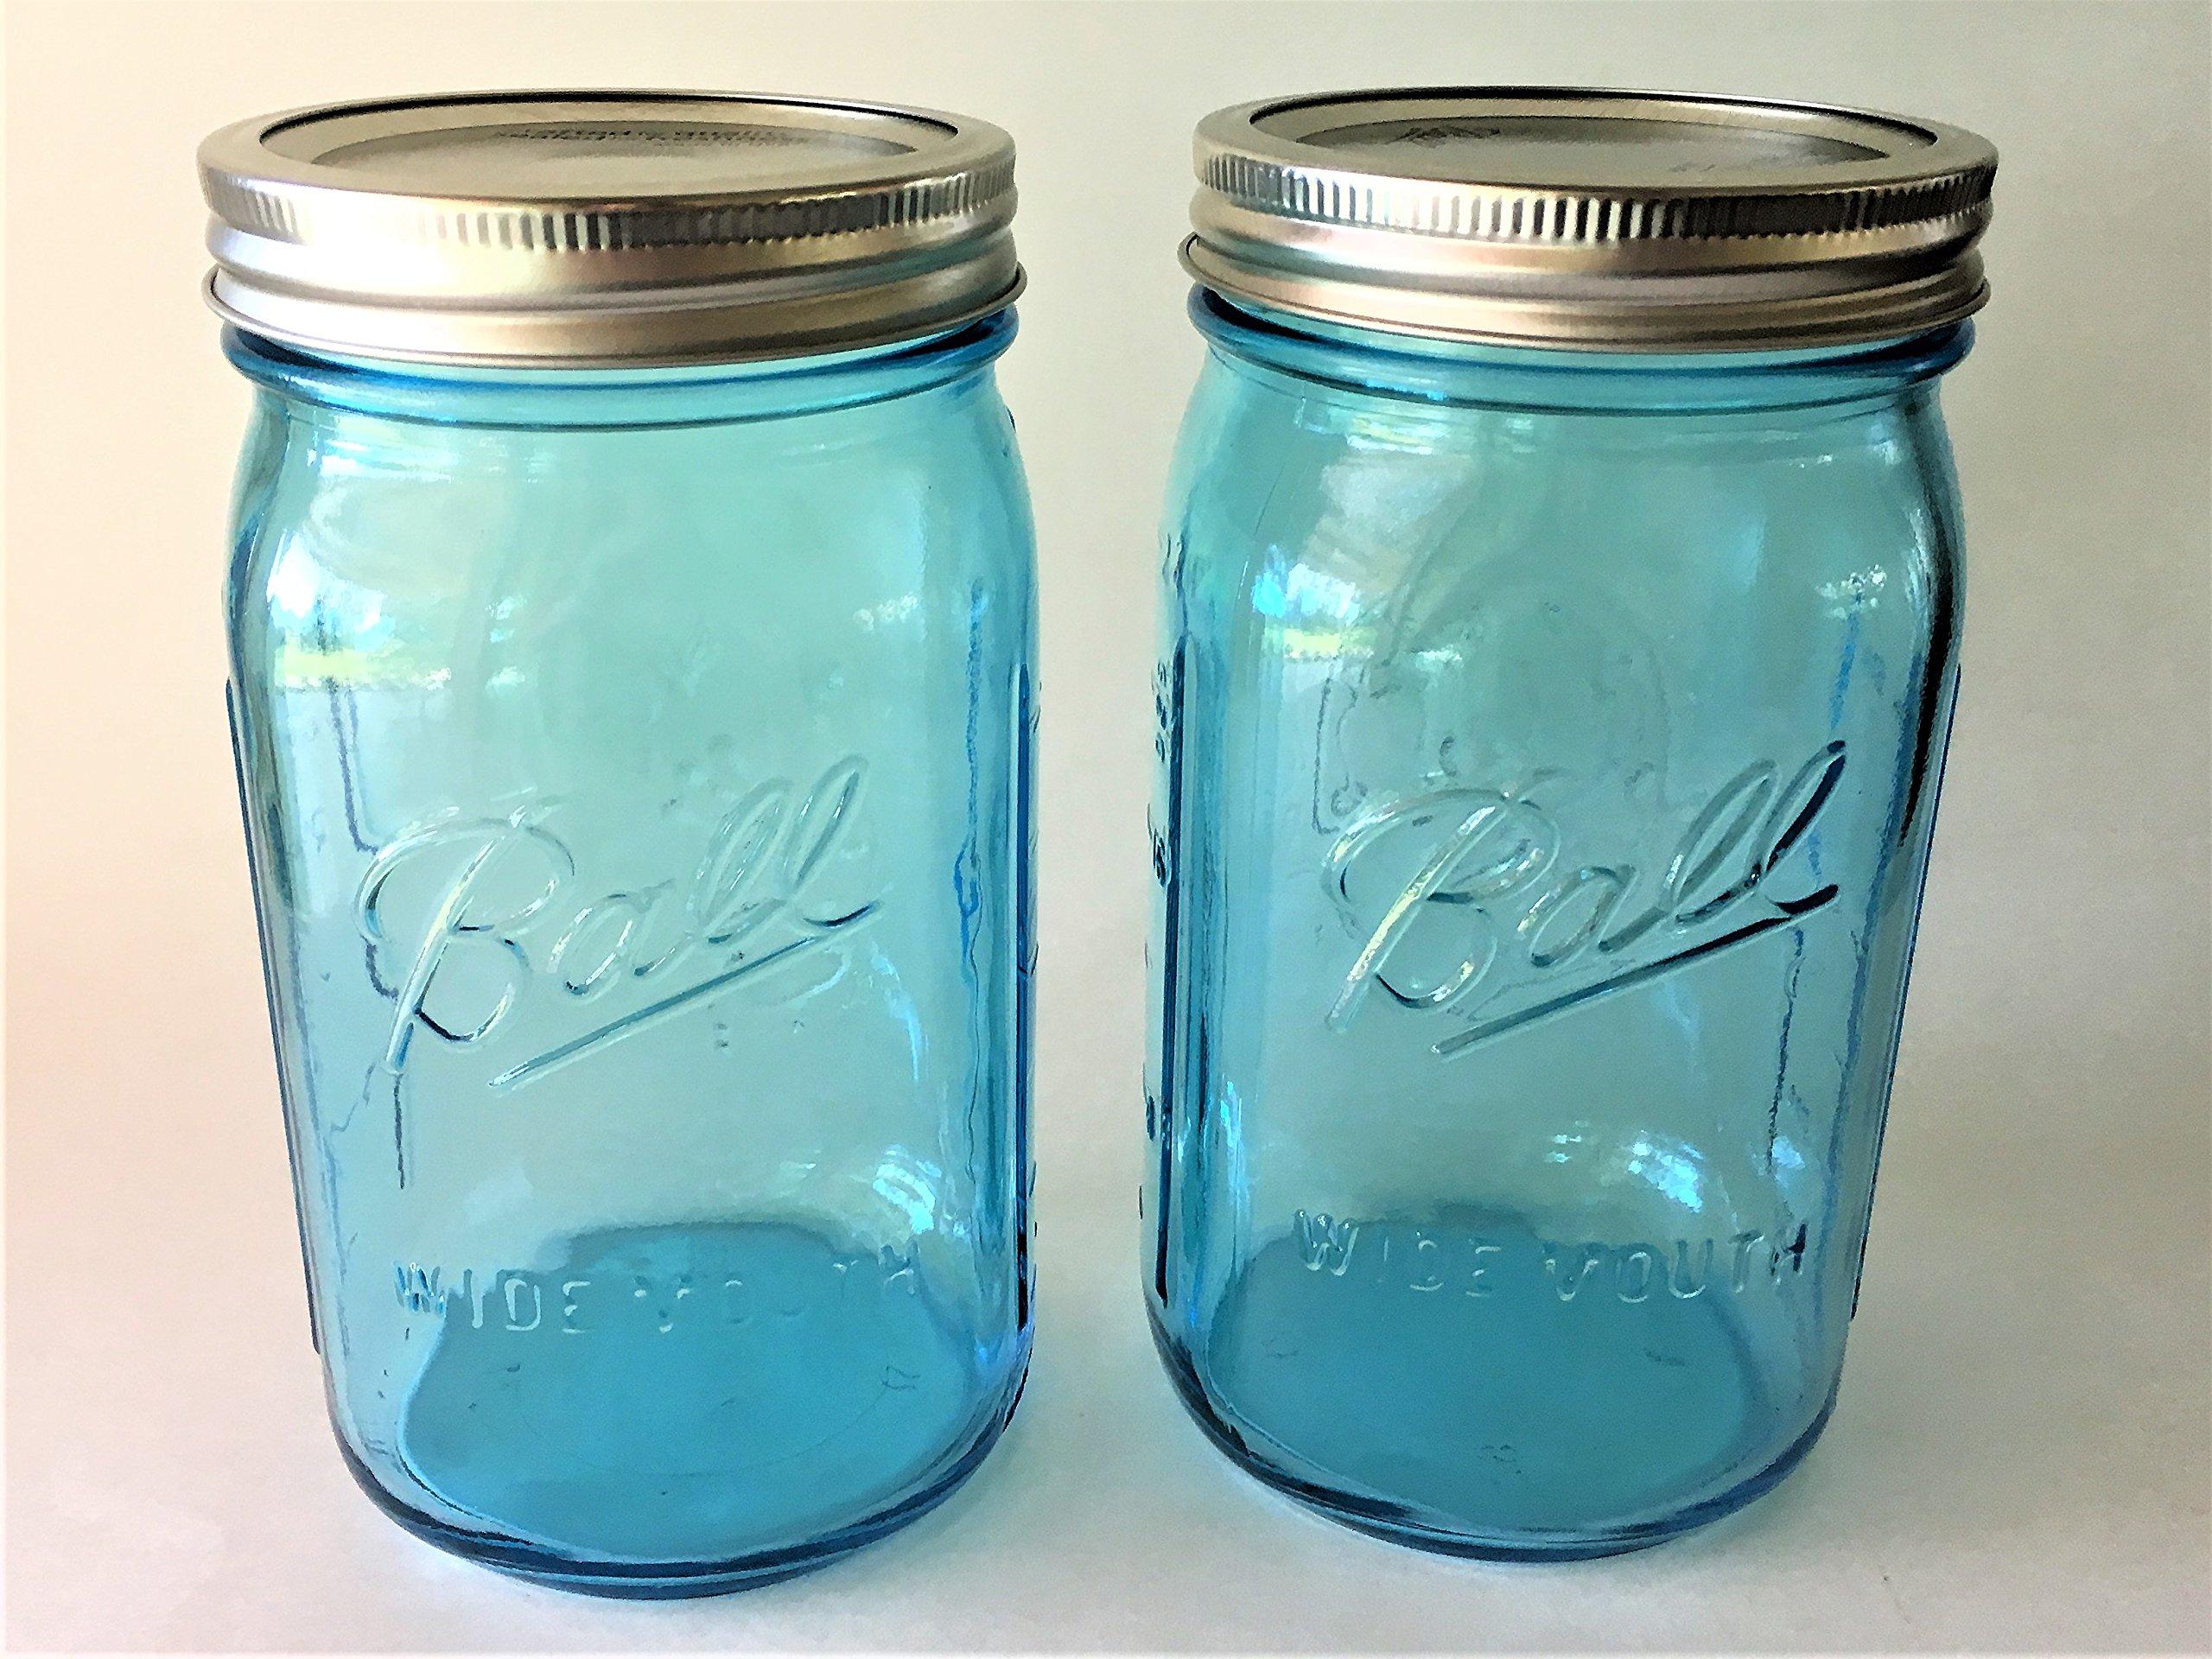 Ball Mason Jar-32 oz. Aqua Blue Glass Ball Collection Heritage Color Series-Set of 2